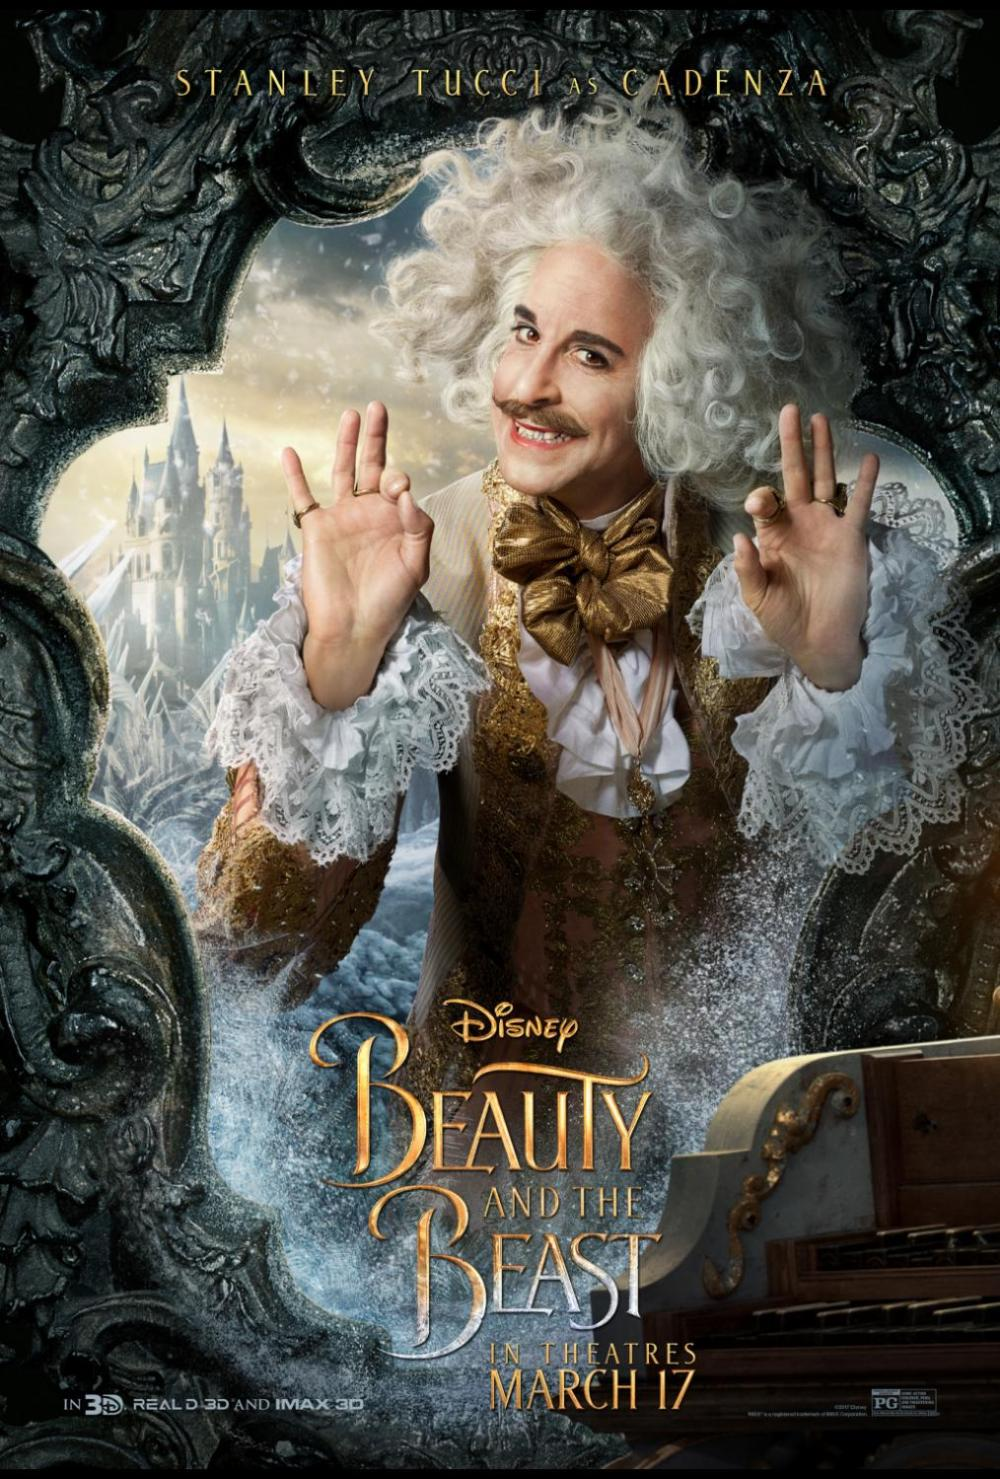 BeautyAndTheBeast588a51a3f2652.jpg